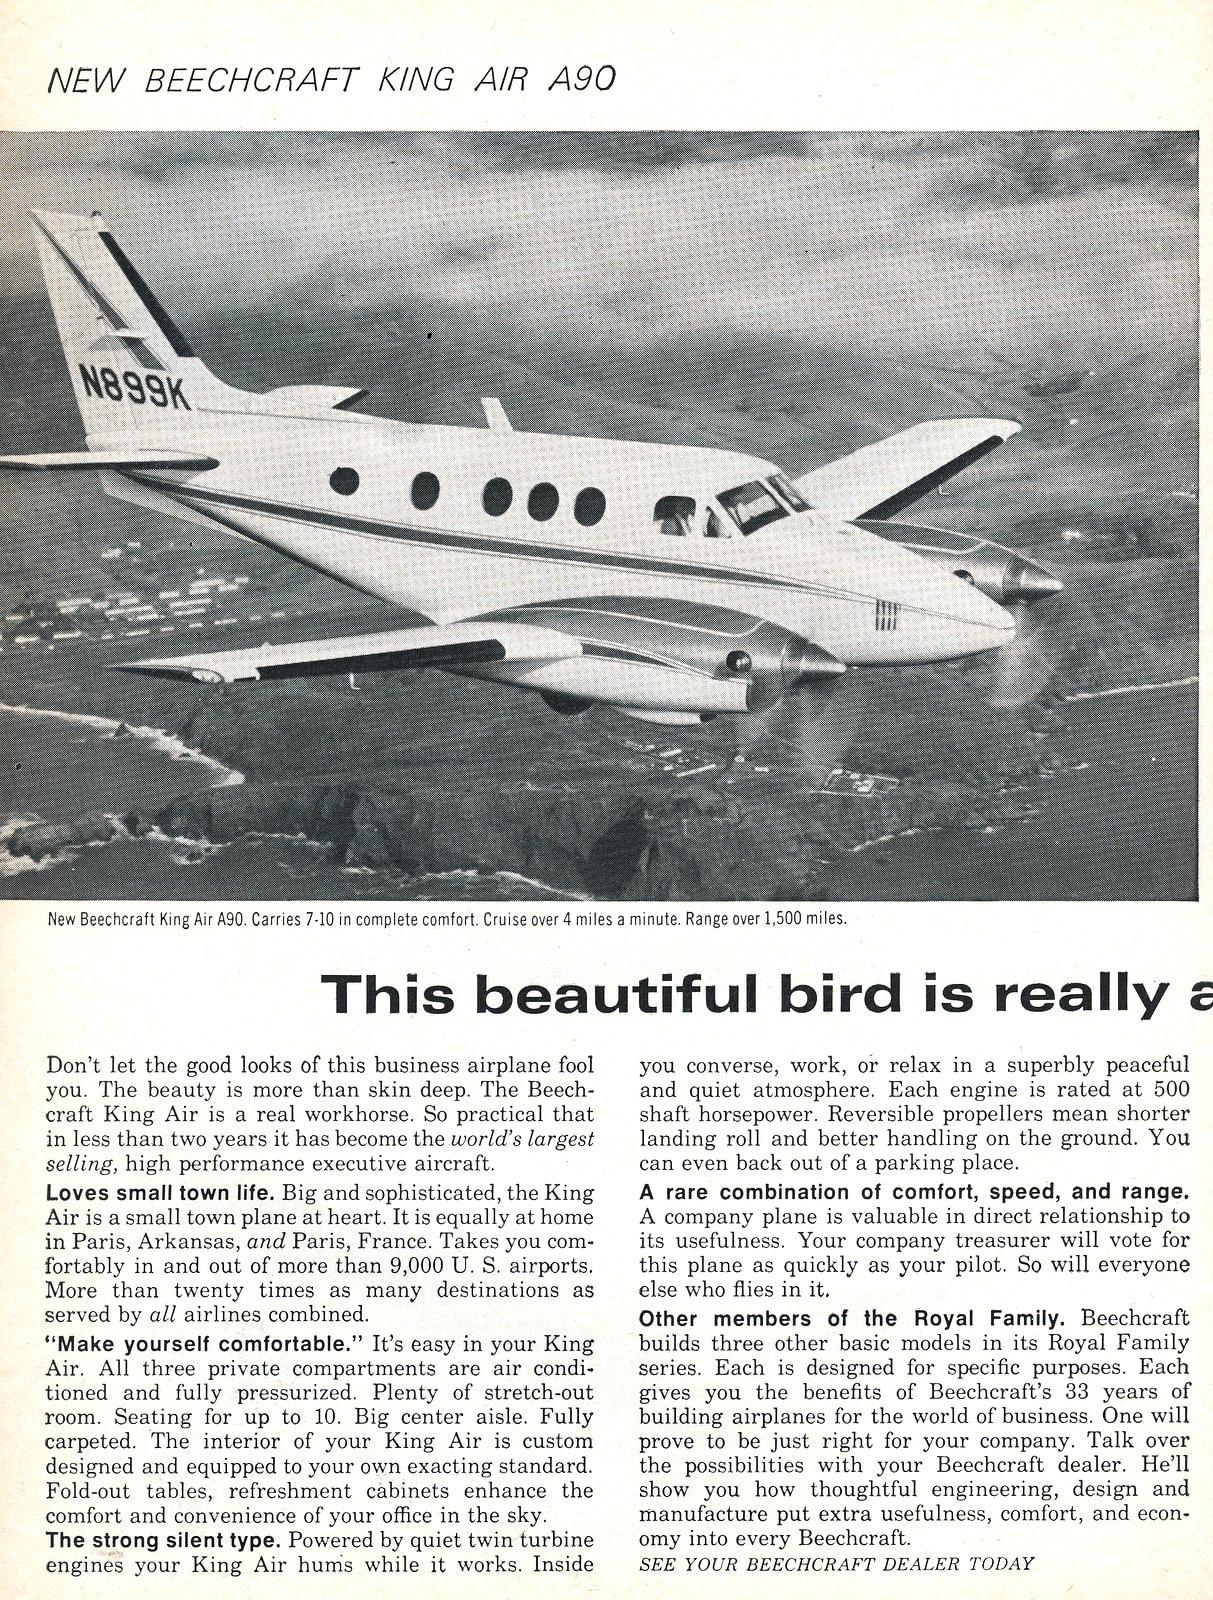 Beechcraft King Air A90 1967 (1)